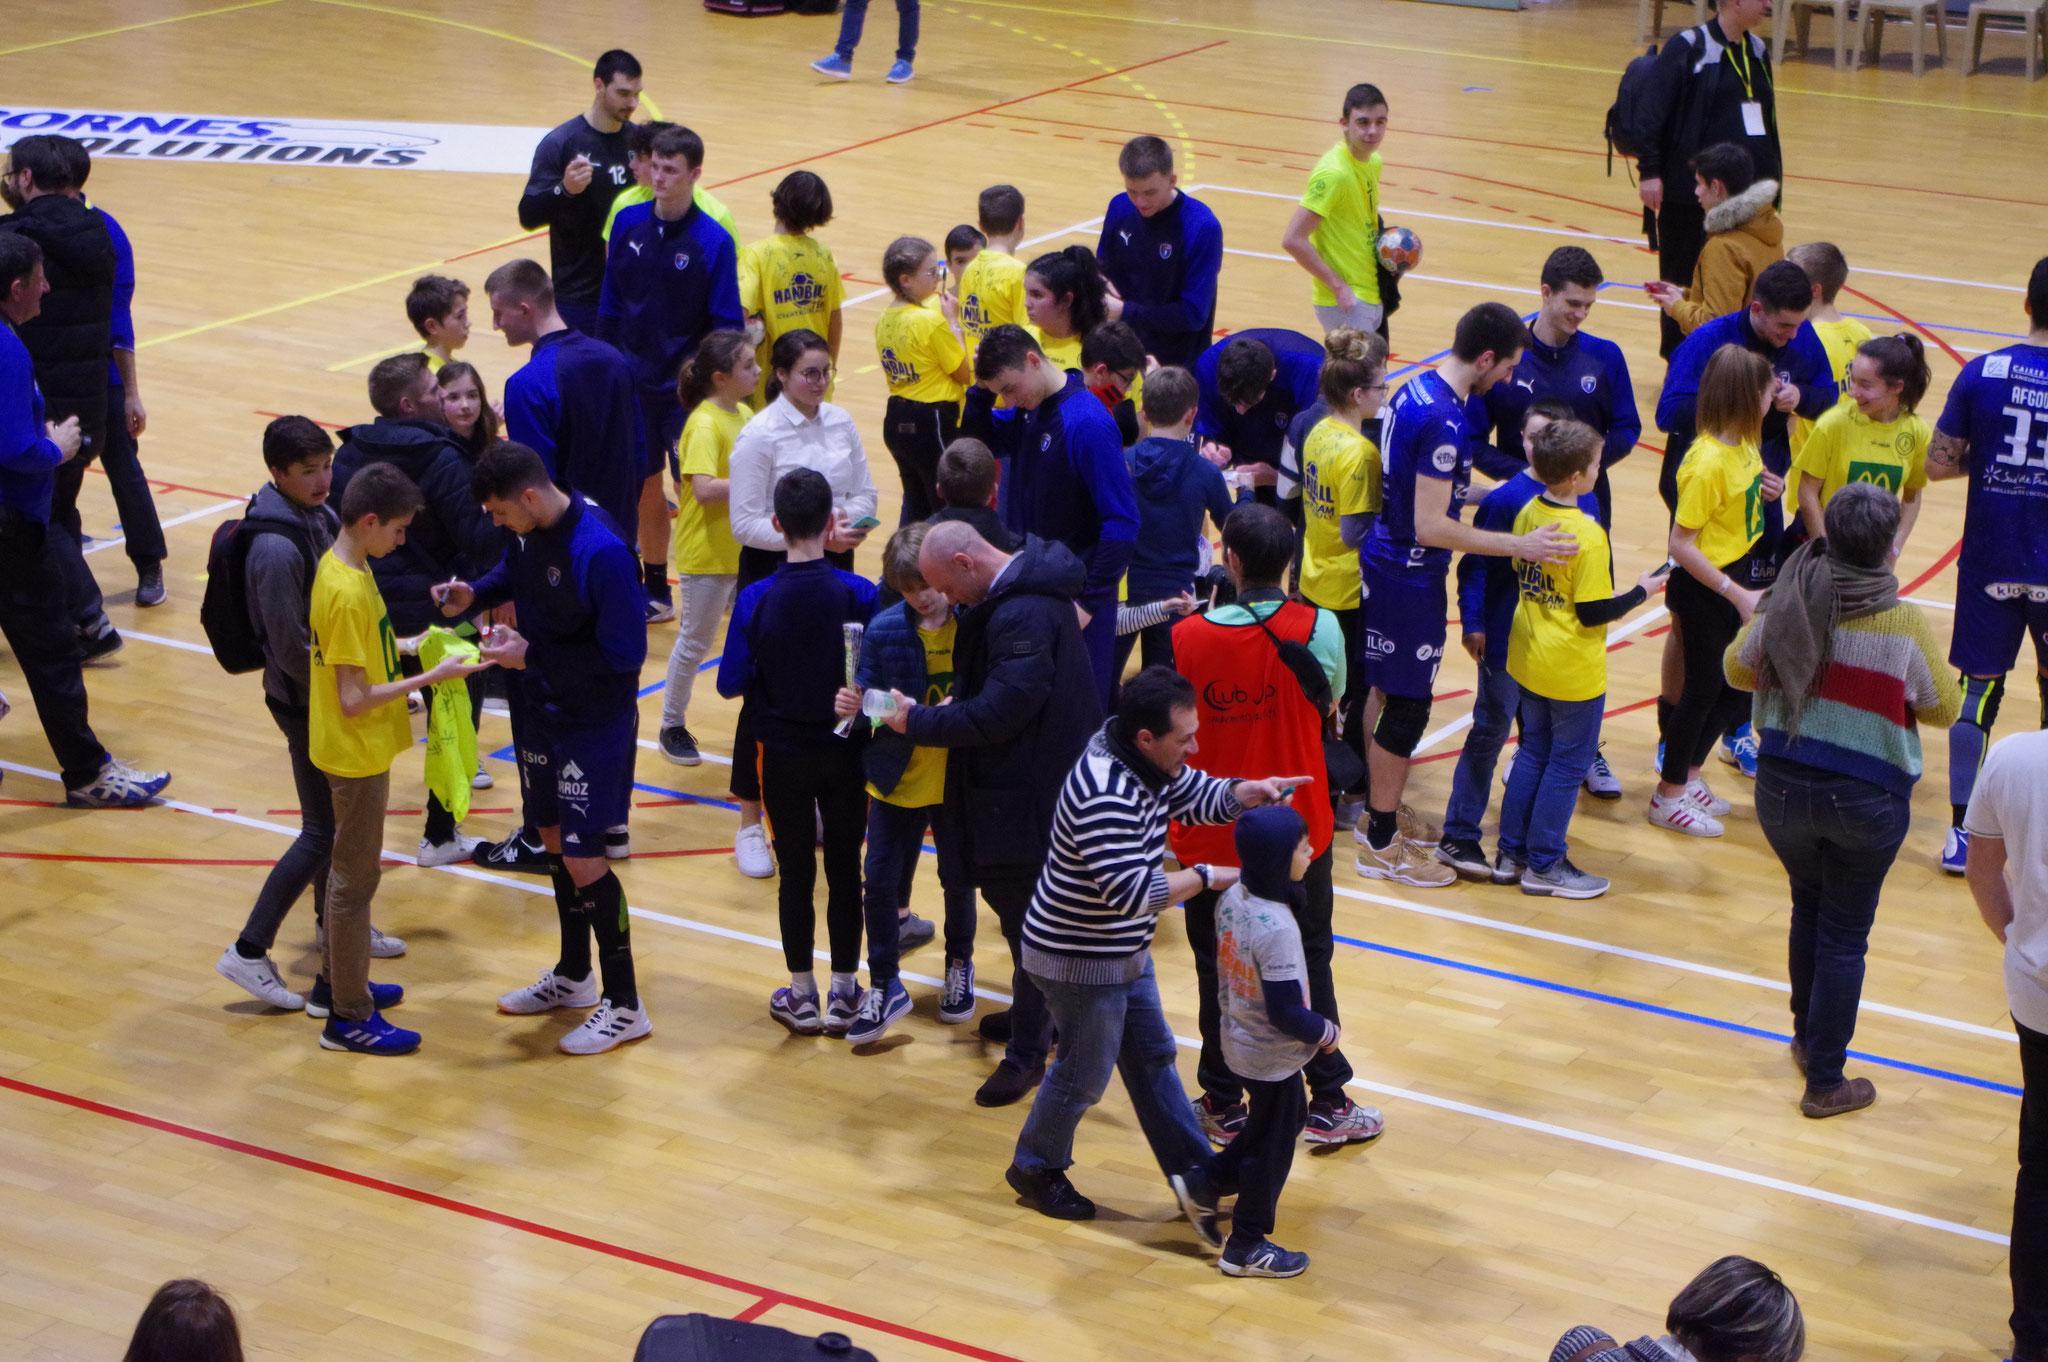 Séance d'autographes avec les joueurs de Montpellier et de Benidorm